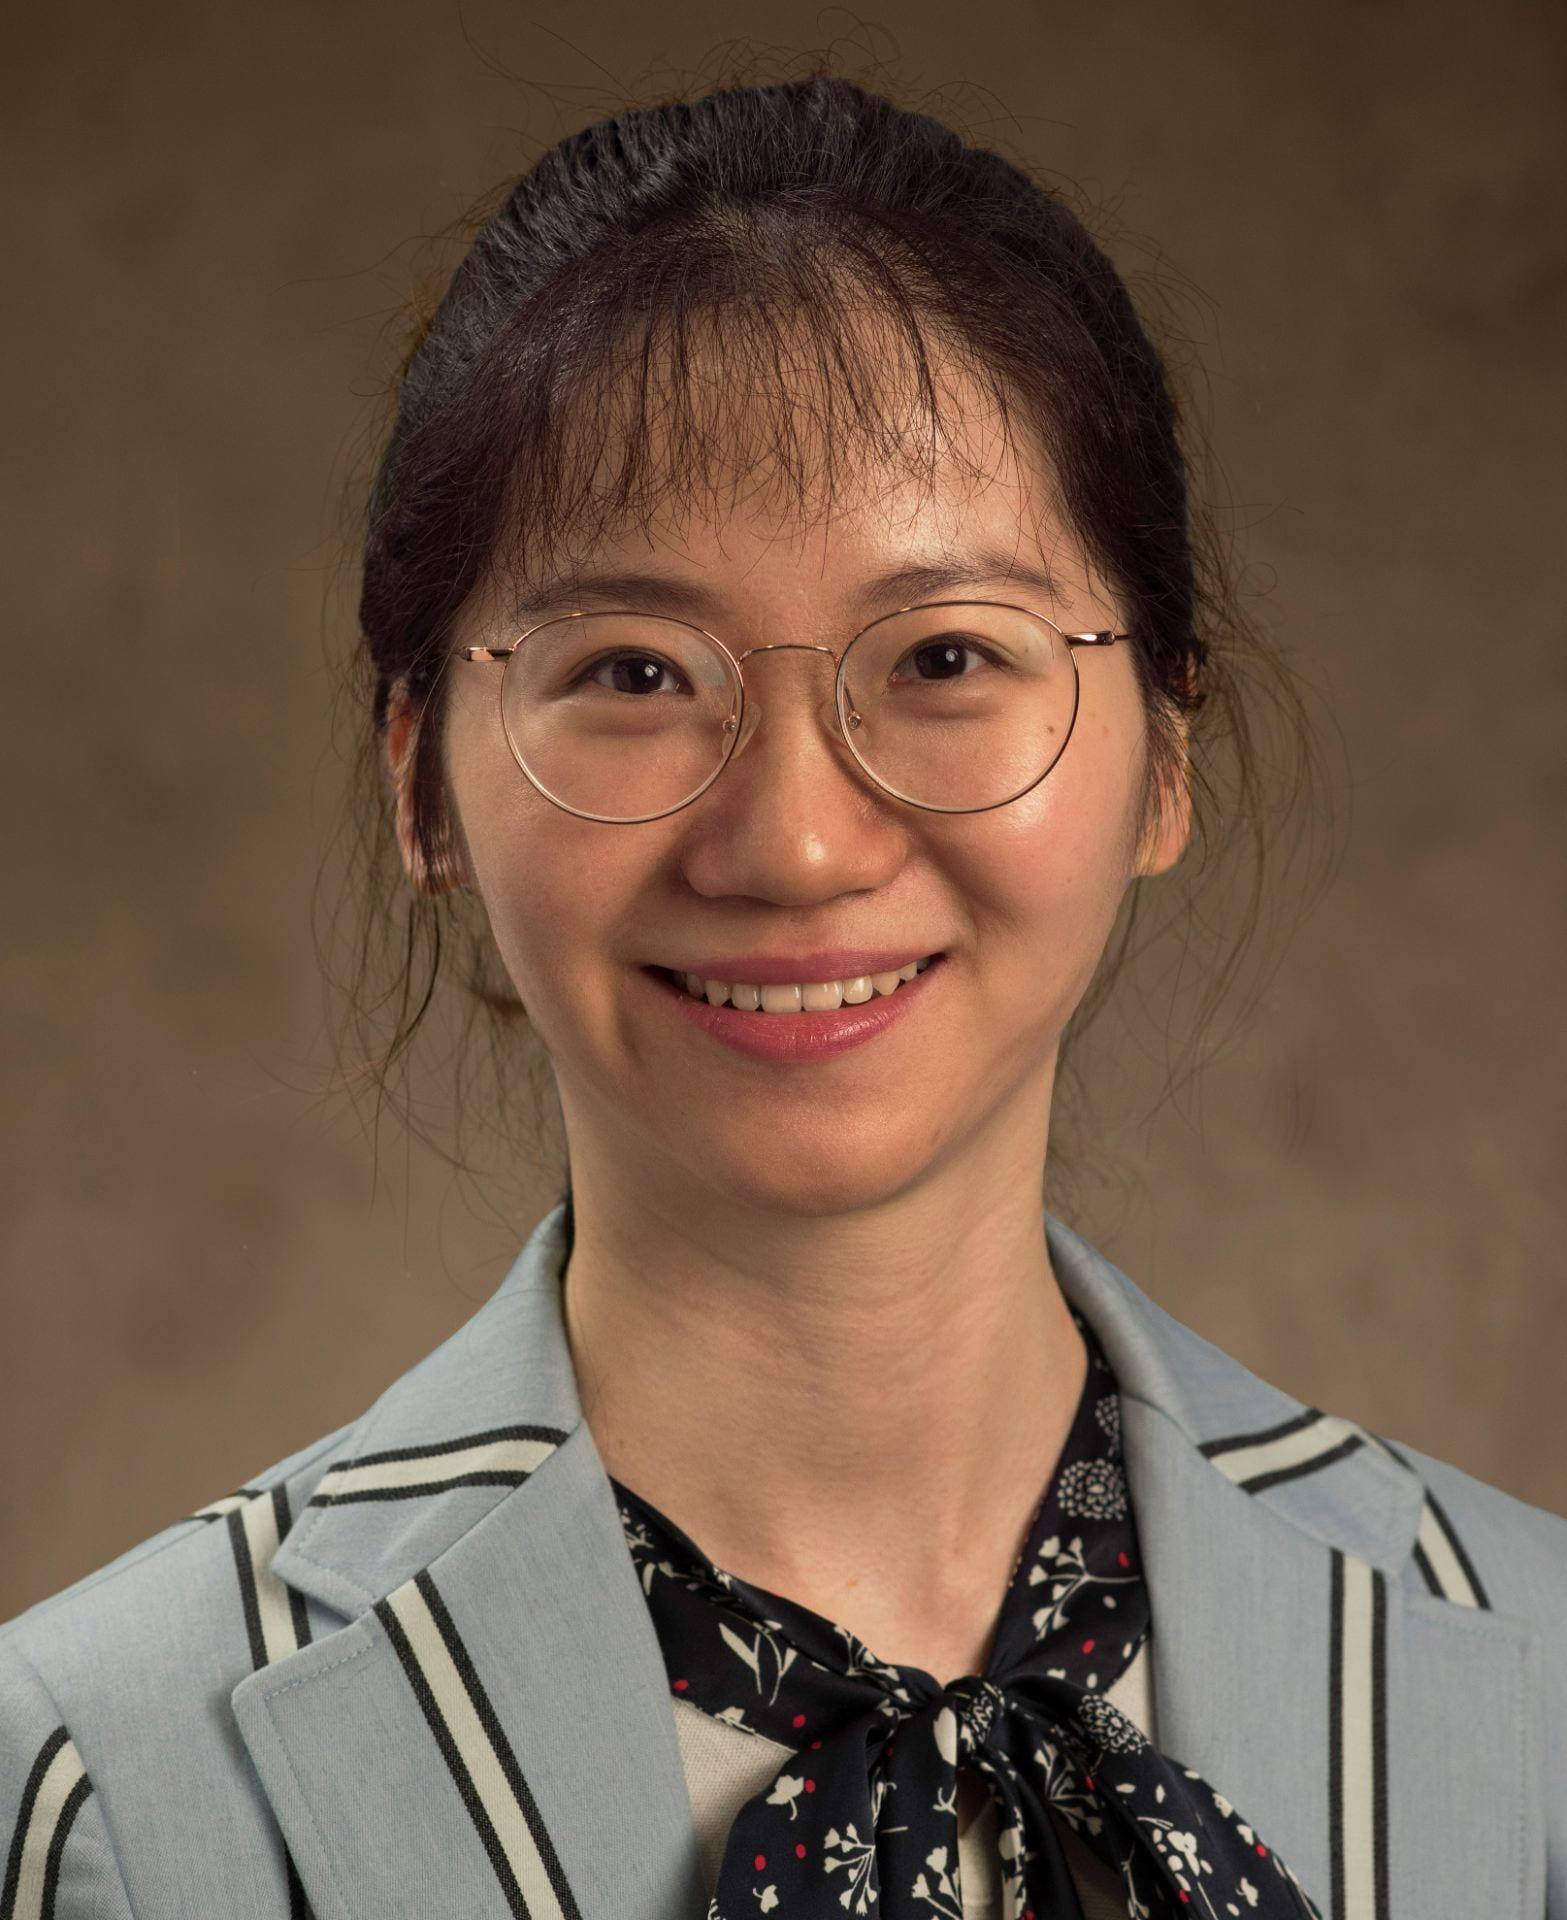 Qixin Chen